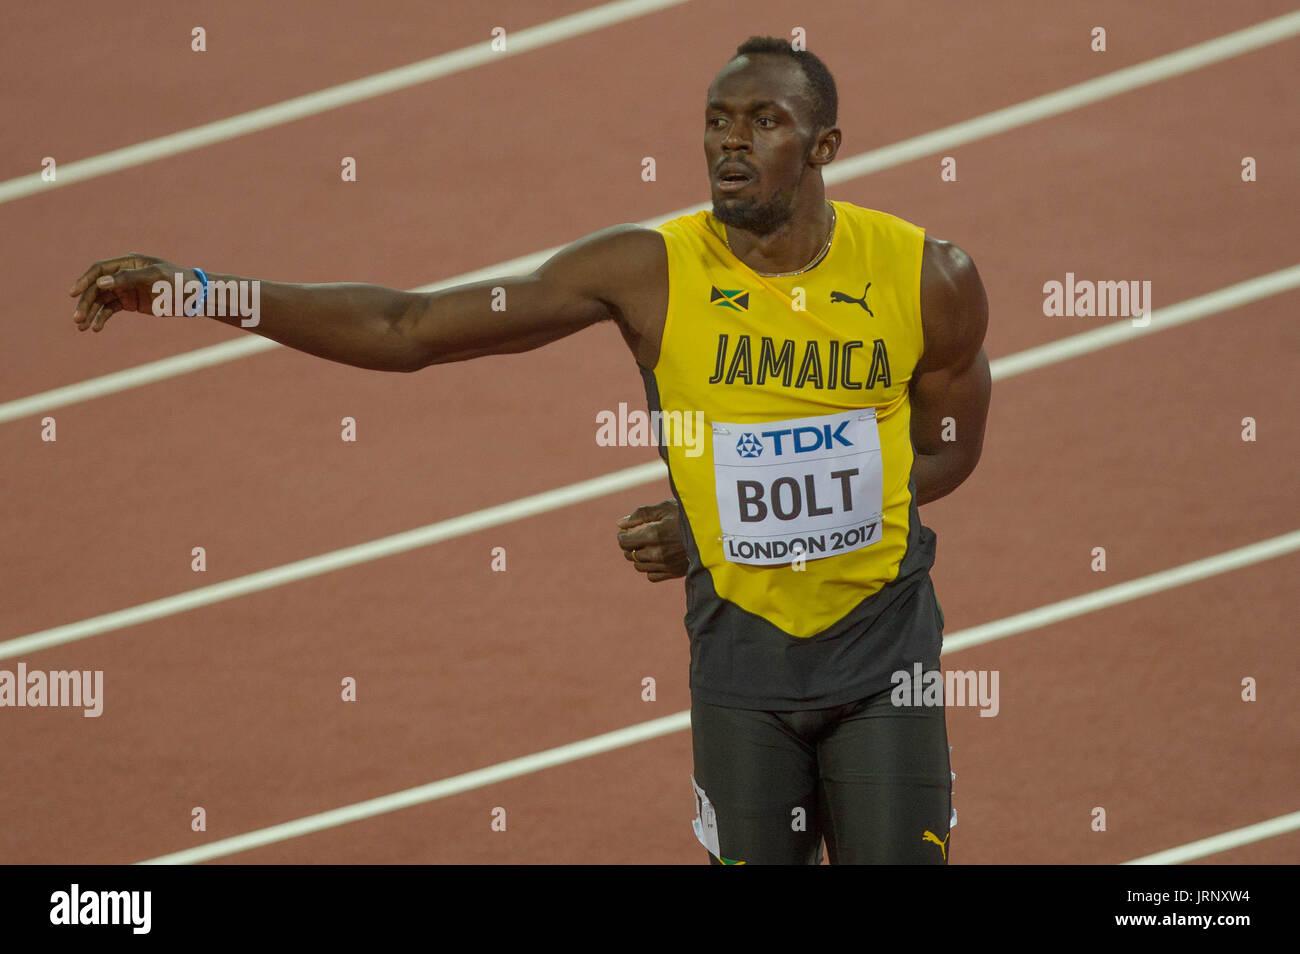 Londres, Reino Unido. El 5 de agosto, 2017. Rey Usain Bolt en la sexta serie de 100m en el Campeonato Mundial de la IAAF en 2017, Queen Elizabeth Olympic Park, Stratford, London, UK Credit: Laurent Lairys/Agence Locevaphotos/Alamy Live News Foto de stock